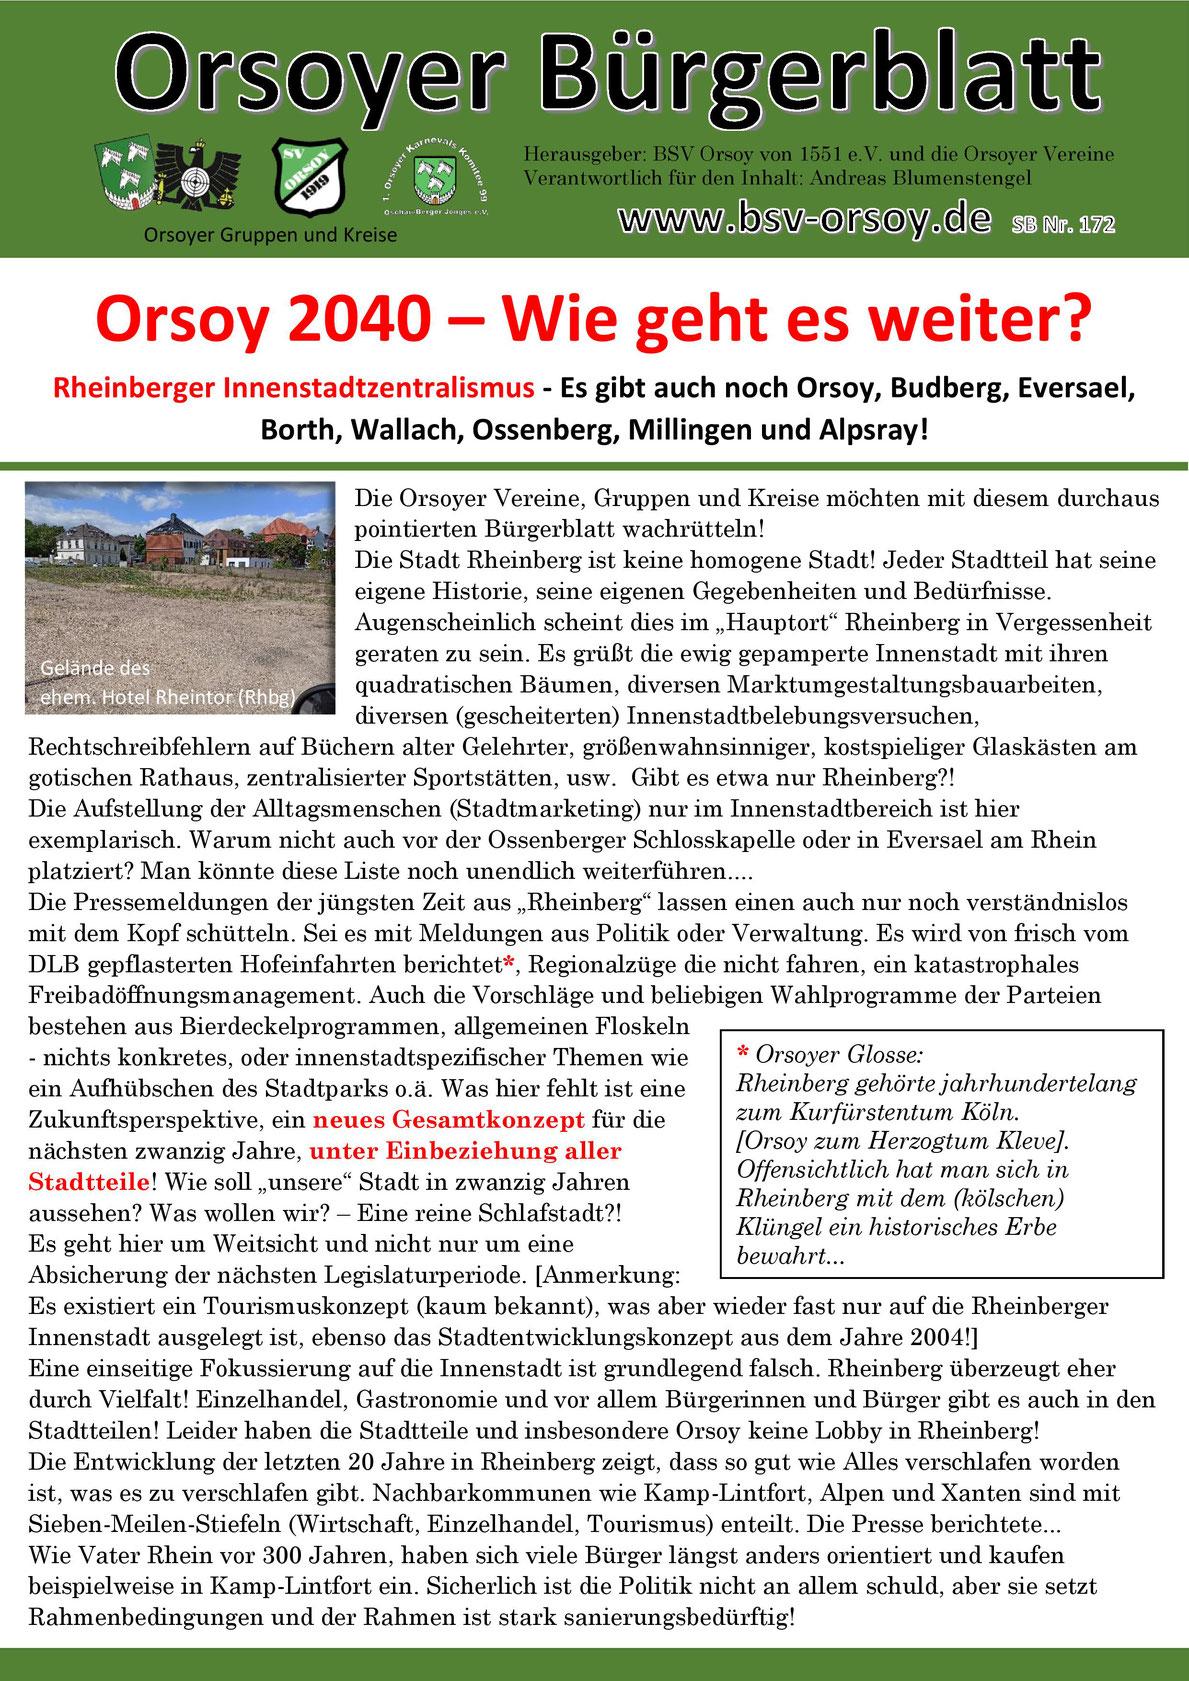 BSV-Orsoy, Orsoy, Schützenblatt, Bürgerschützenverein, Schützenverein